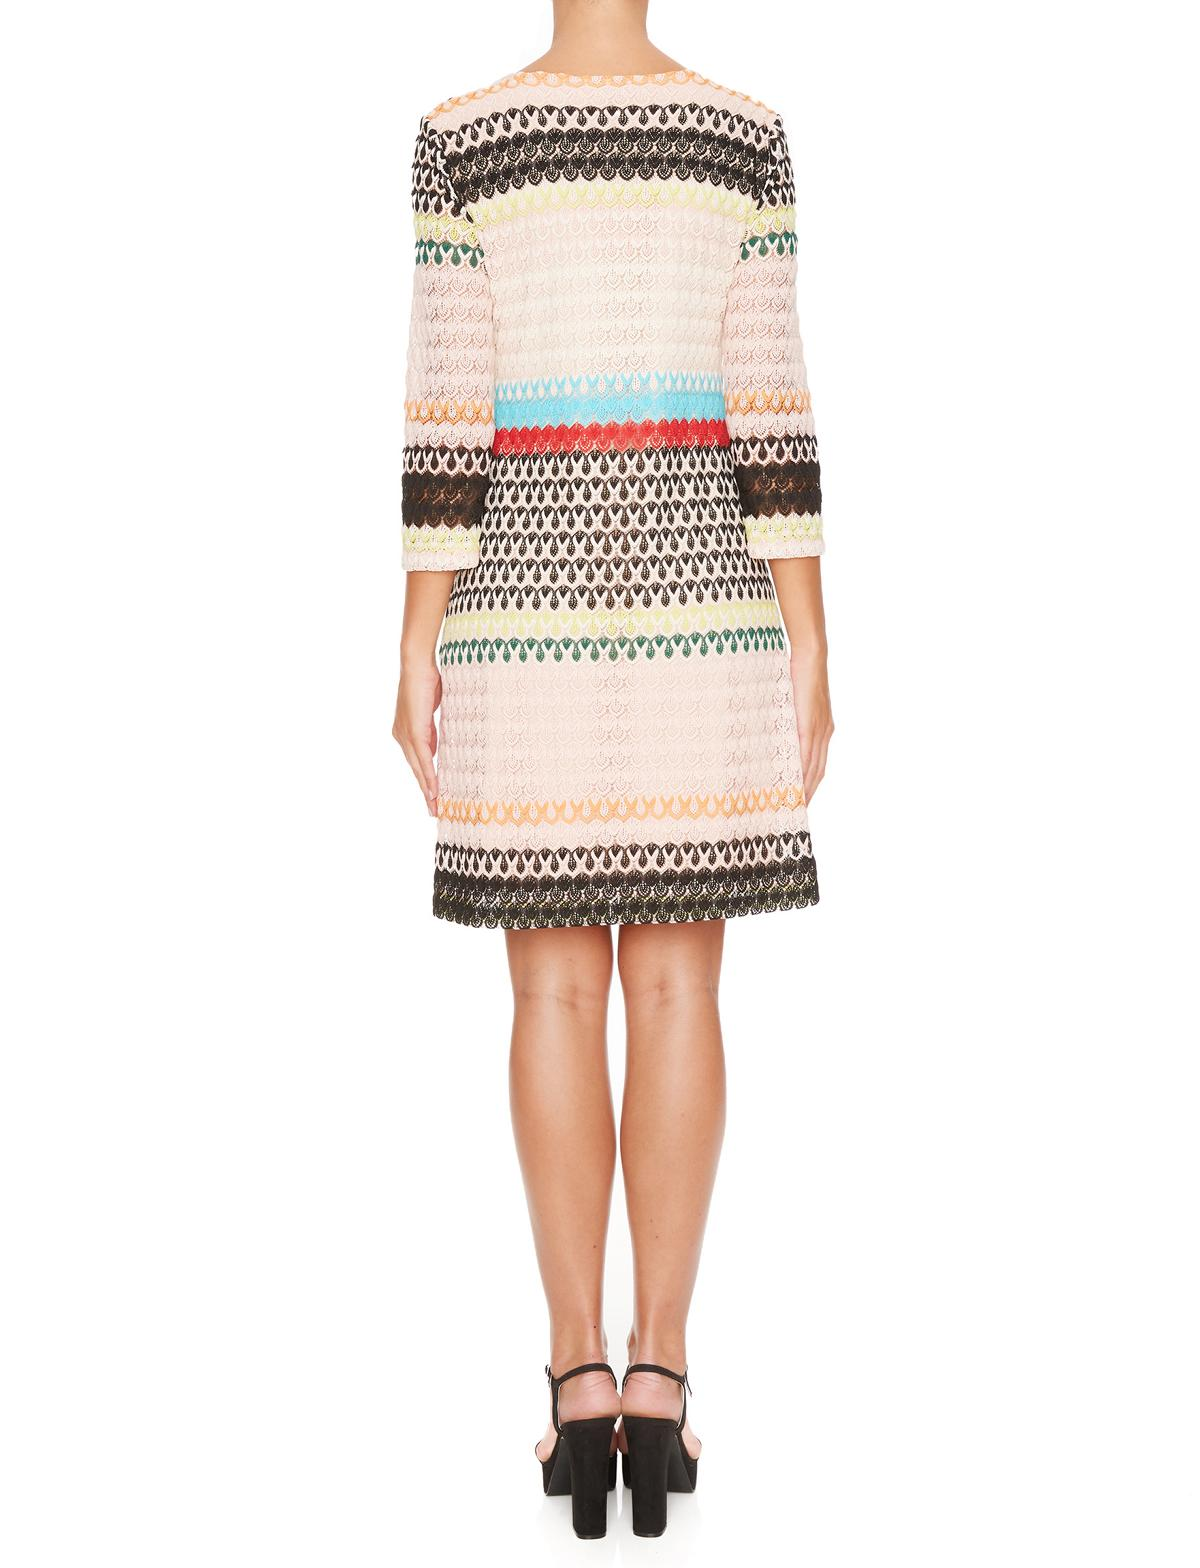 Rückansicht von Ana Alcazar Empire Kleid Mimikena  angezogen an Model